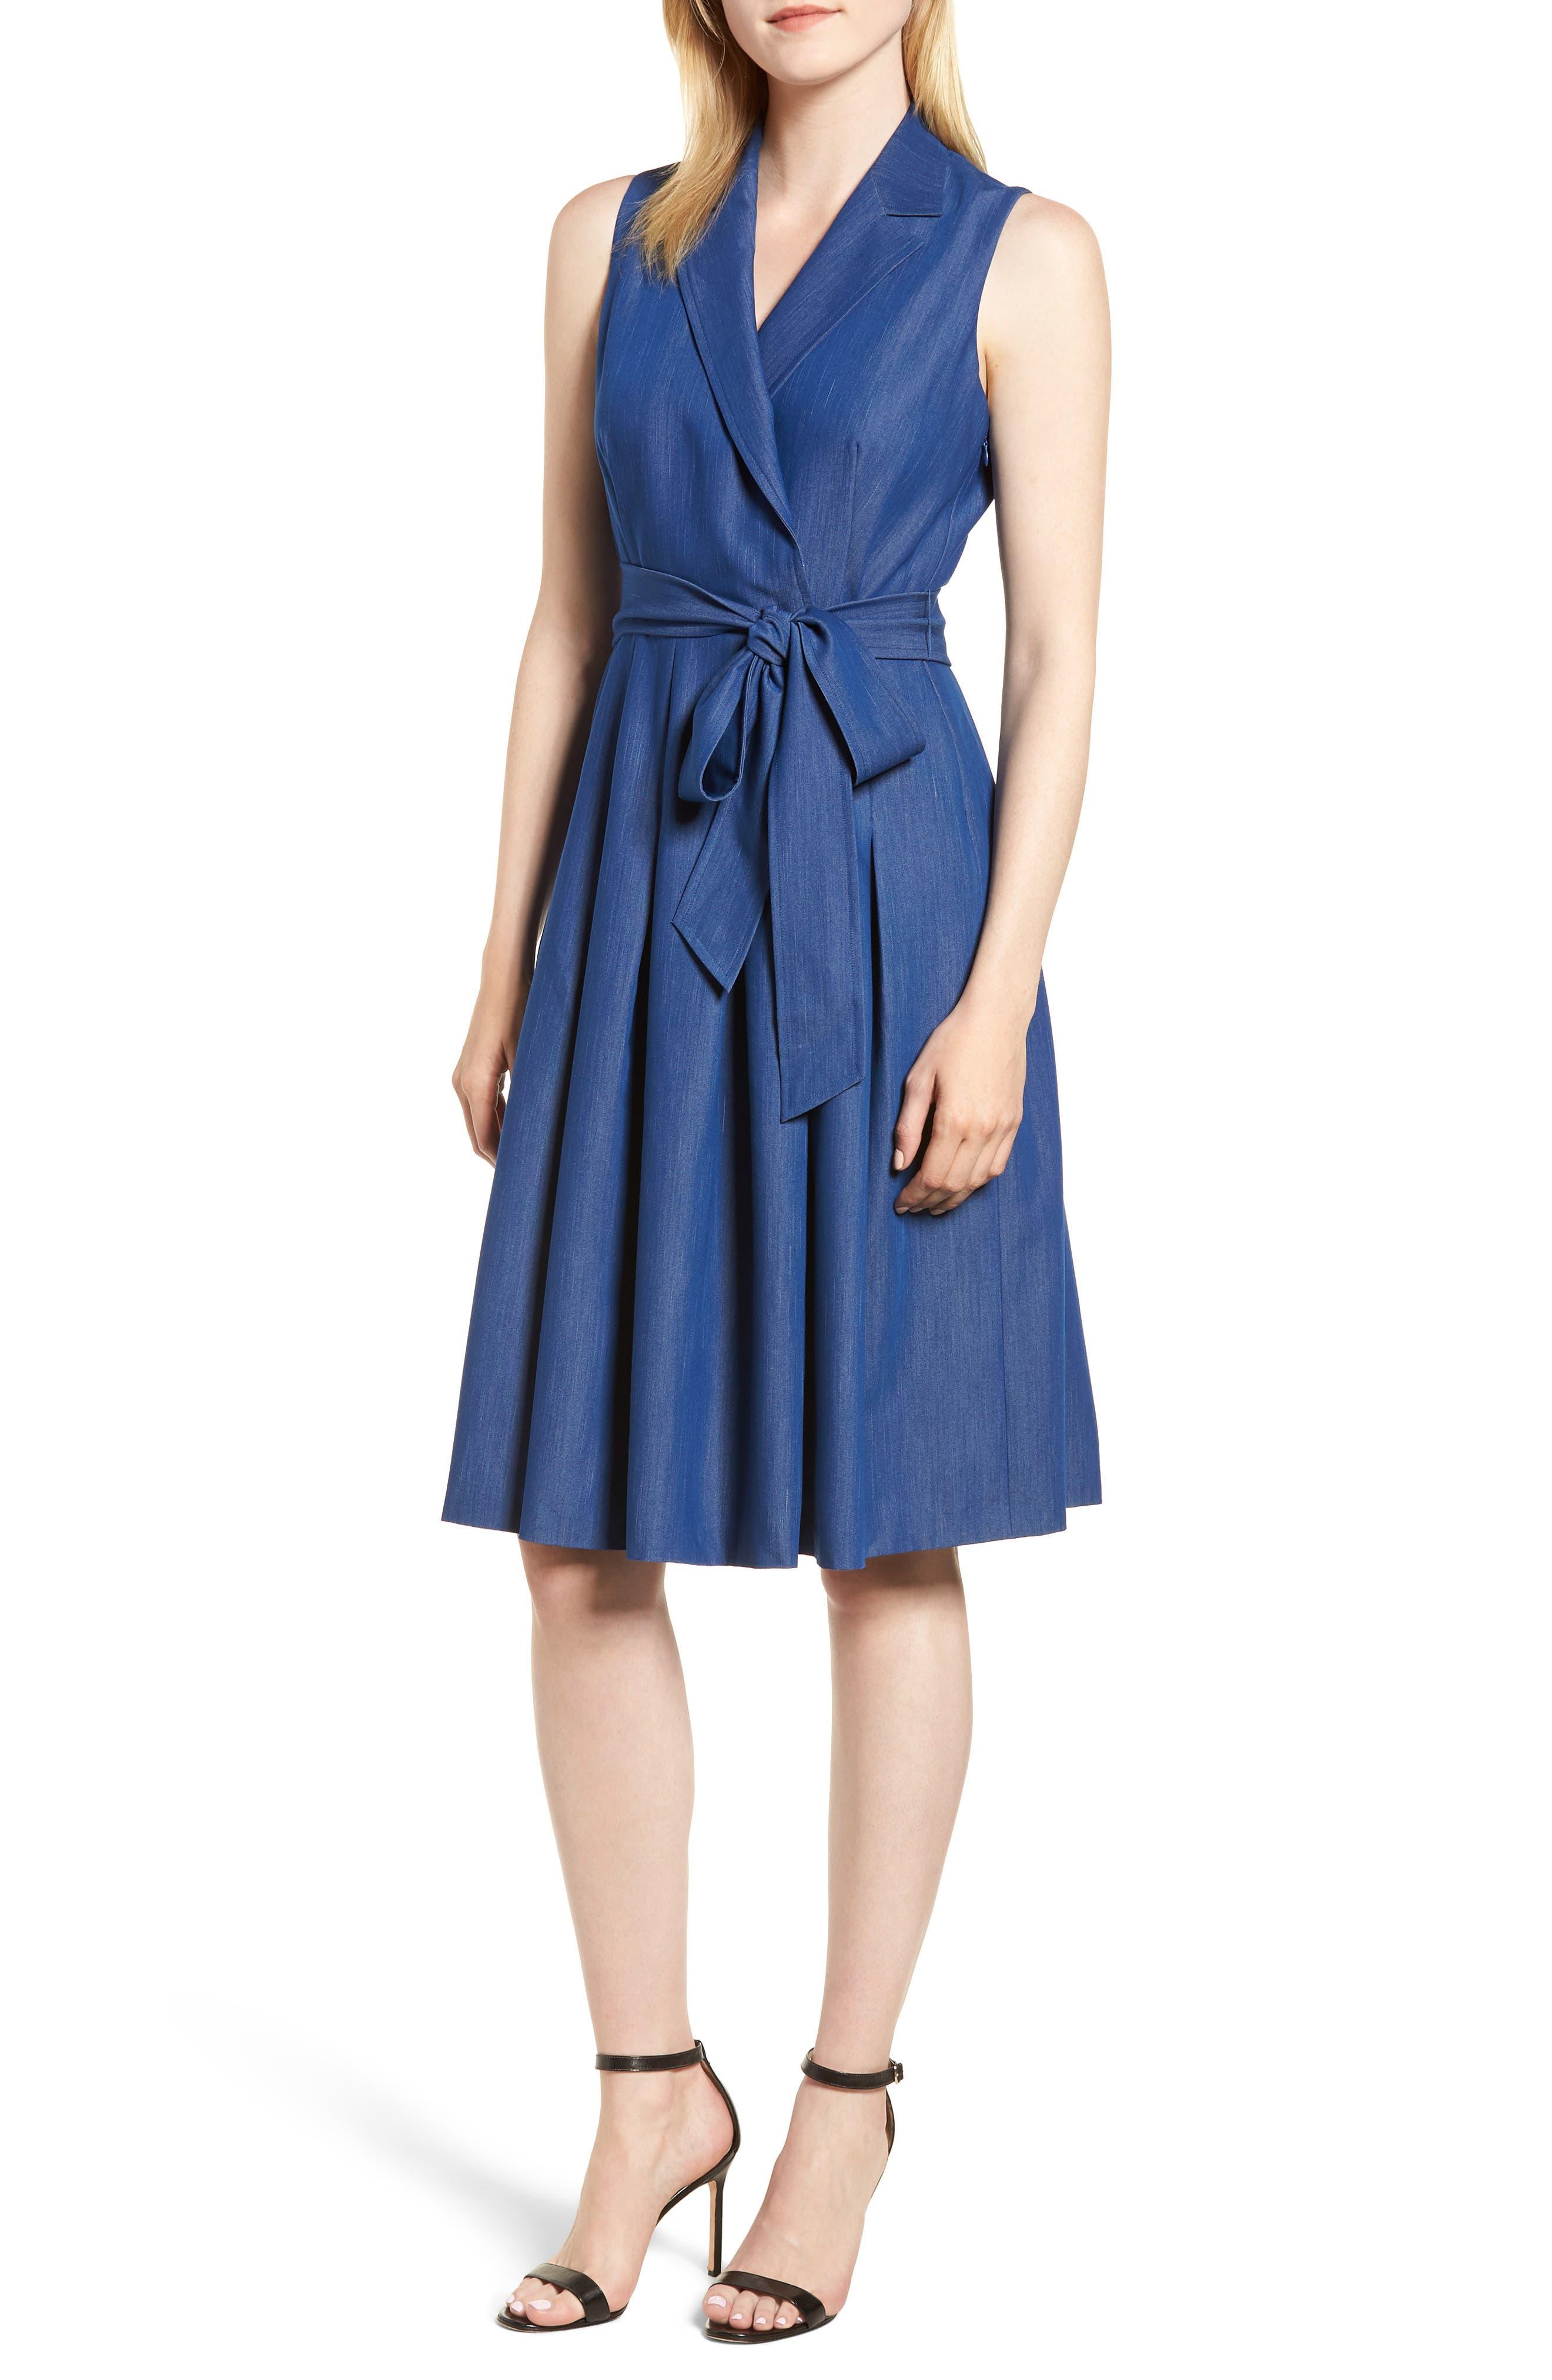 ANNE KLEIN CHAMBRAY WRAP DRESS